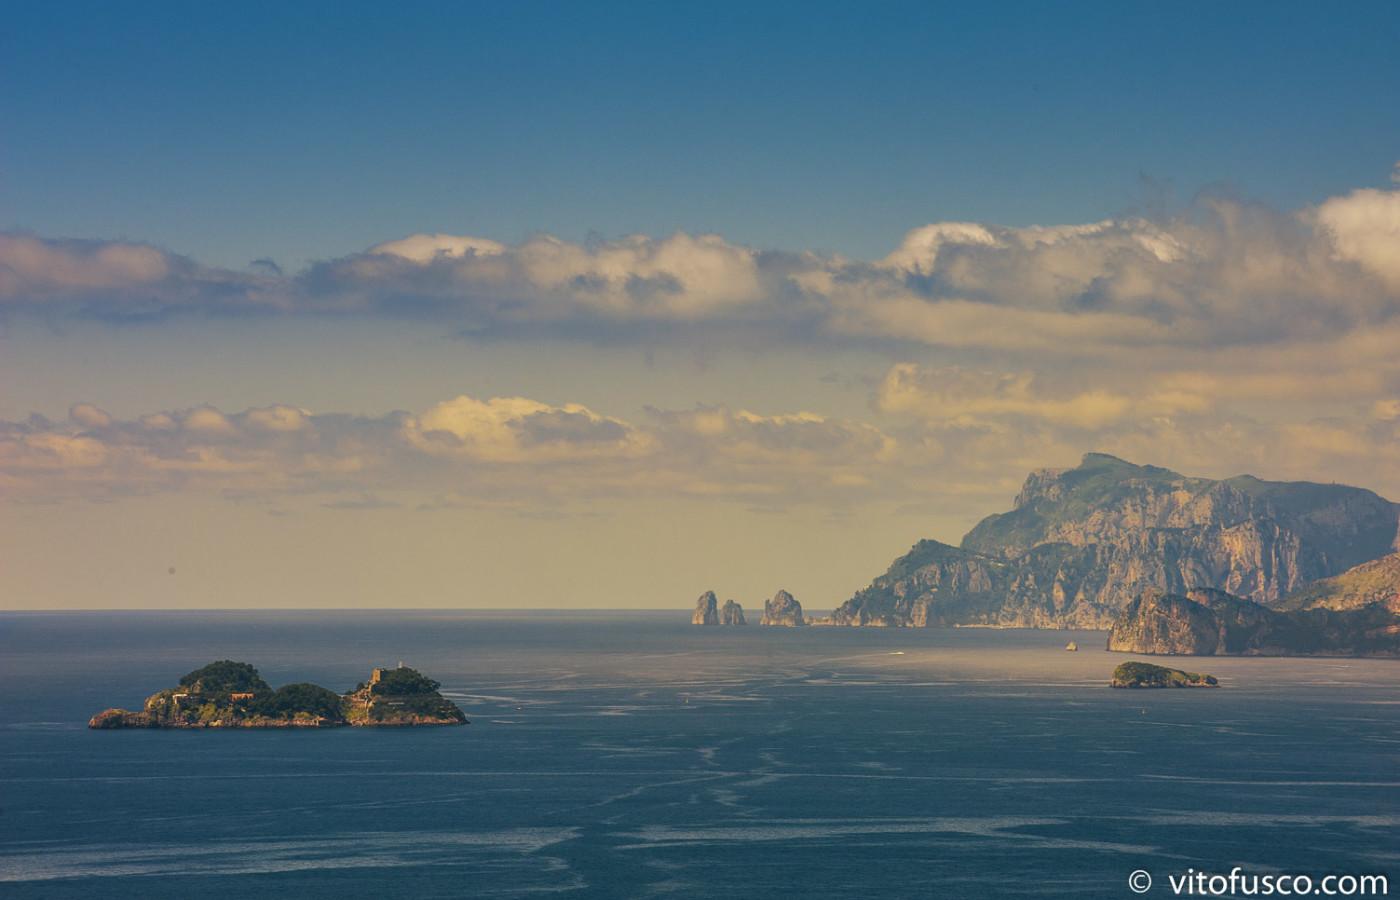 amalfi_coast_vito_fusco-13